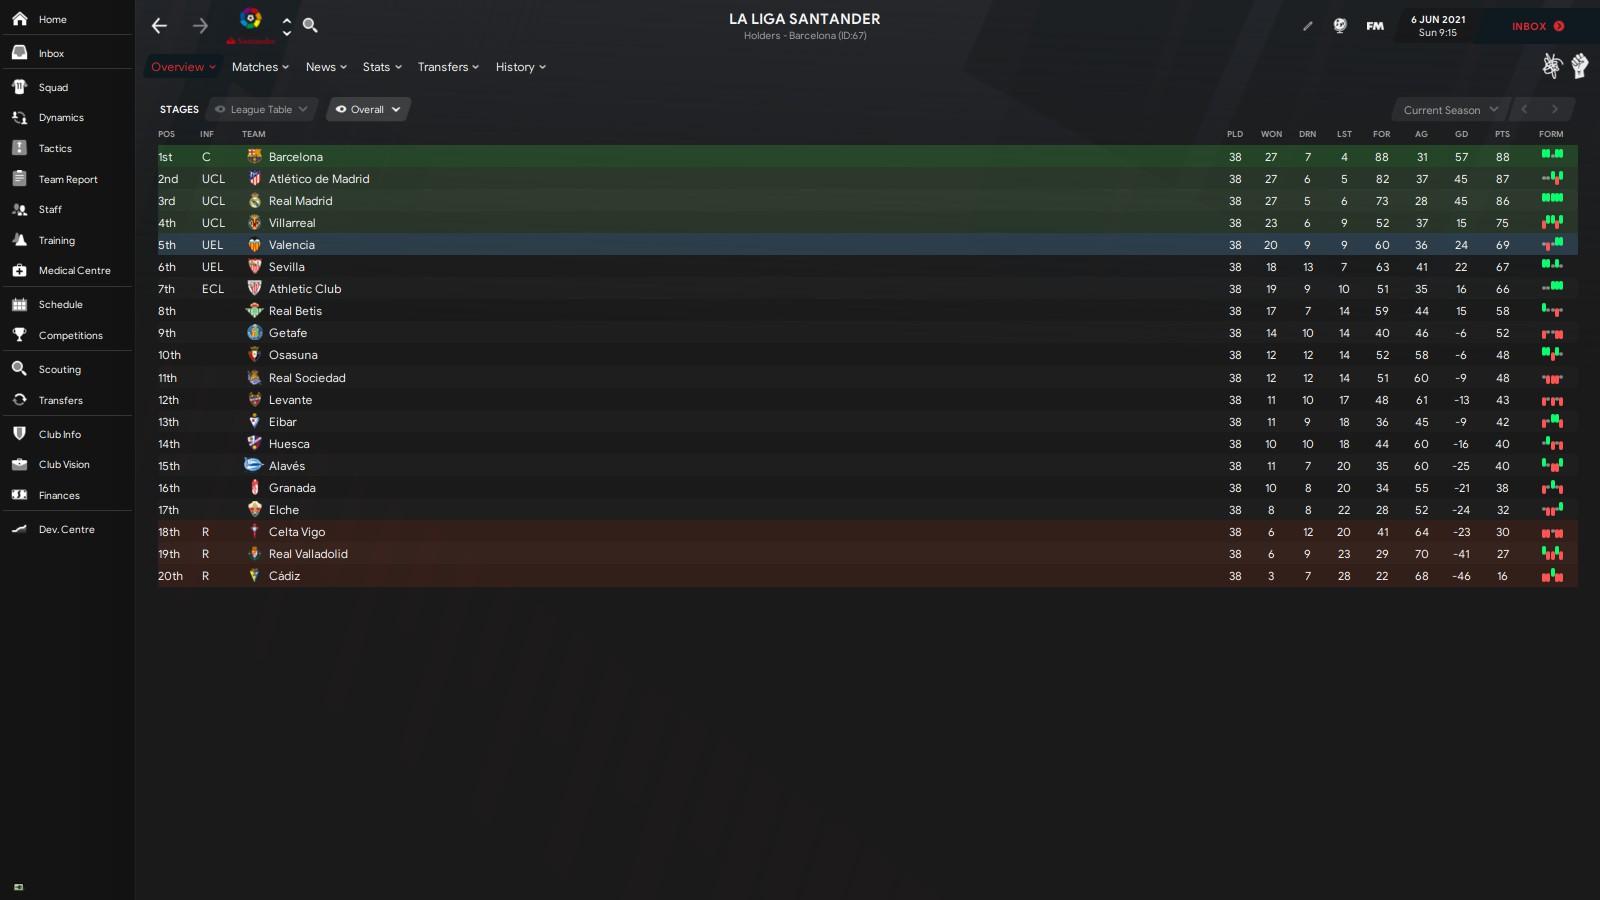 La Liga 20-21.jpg